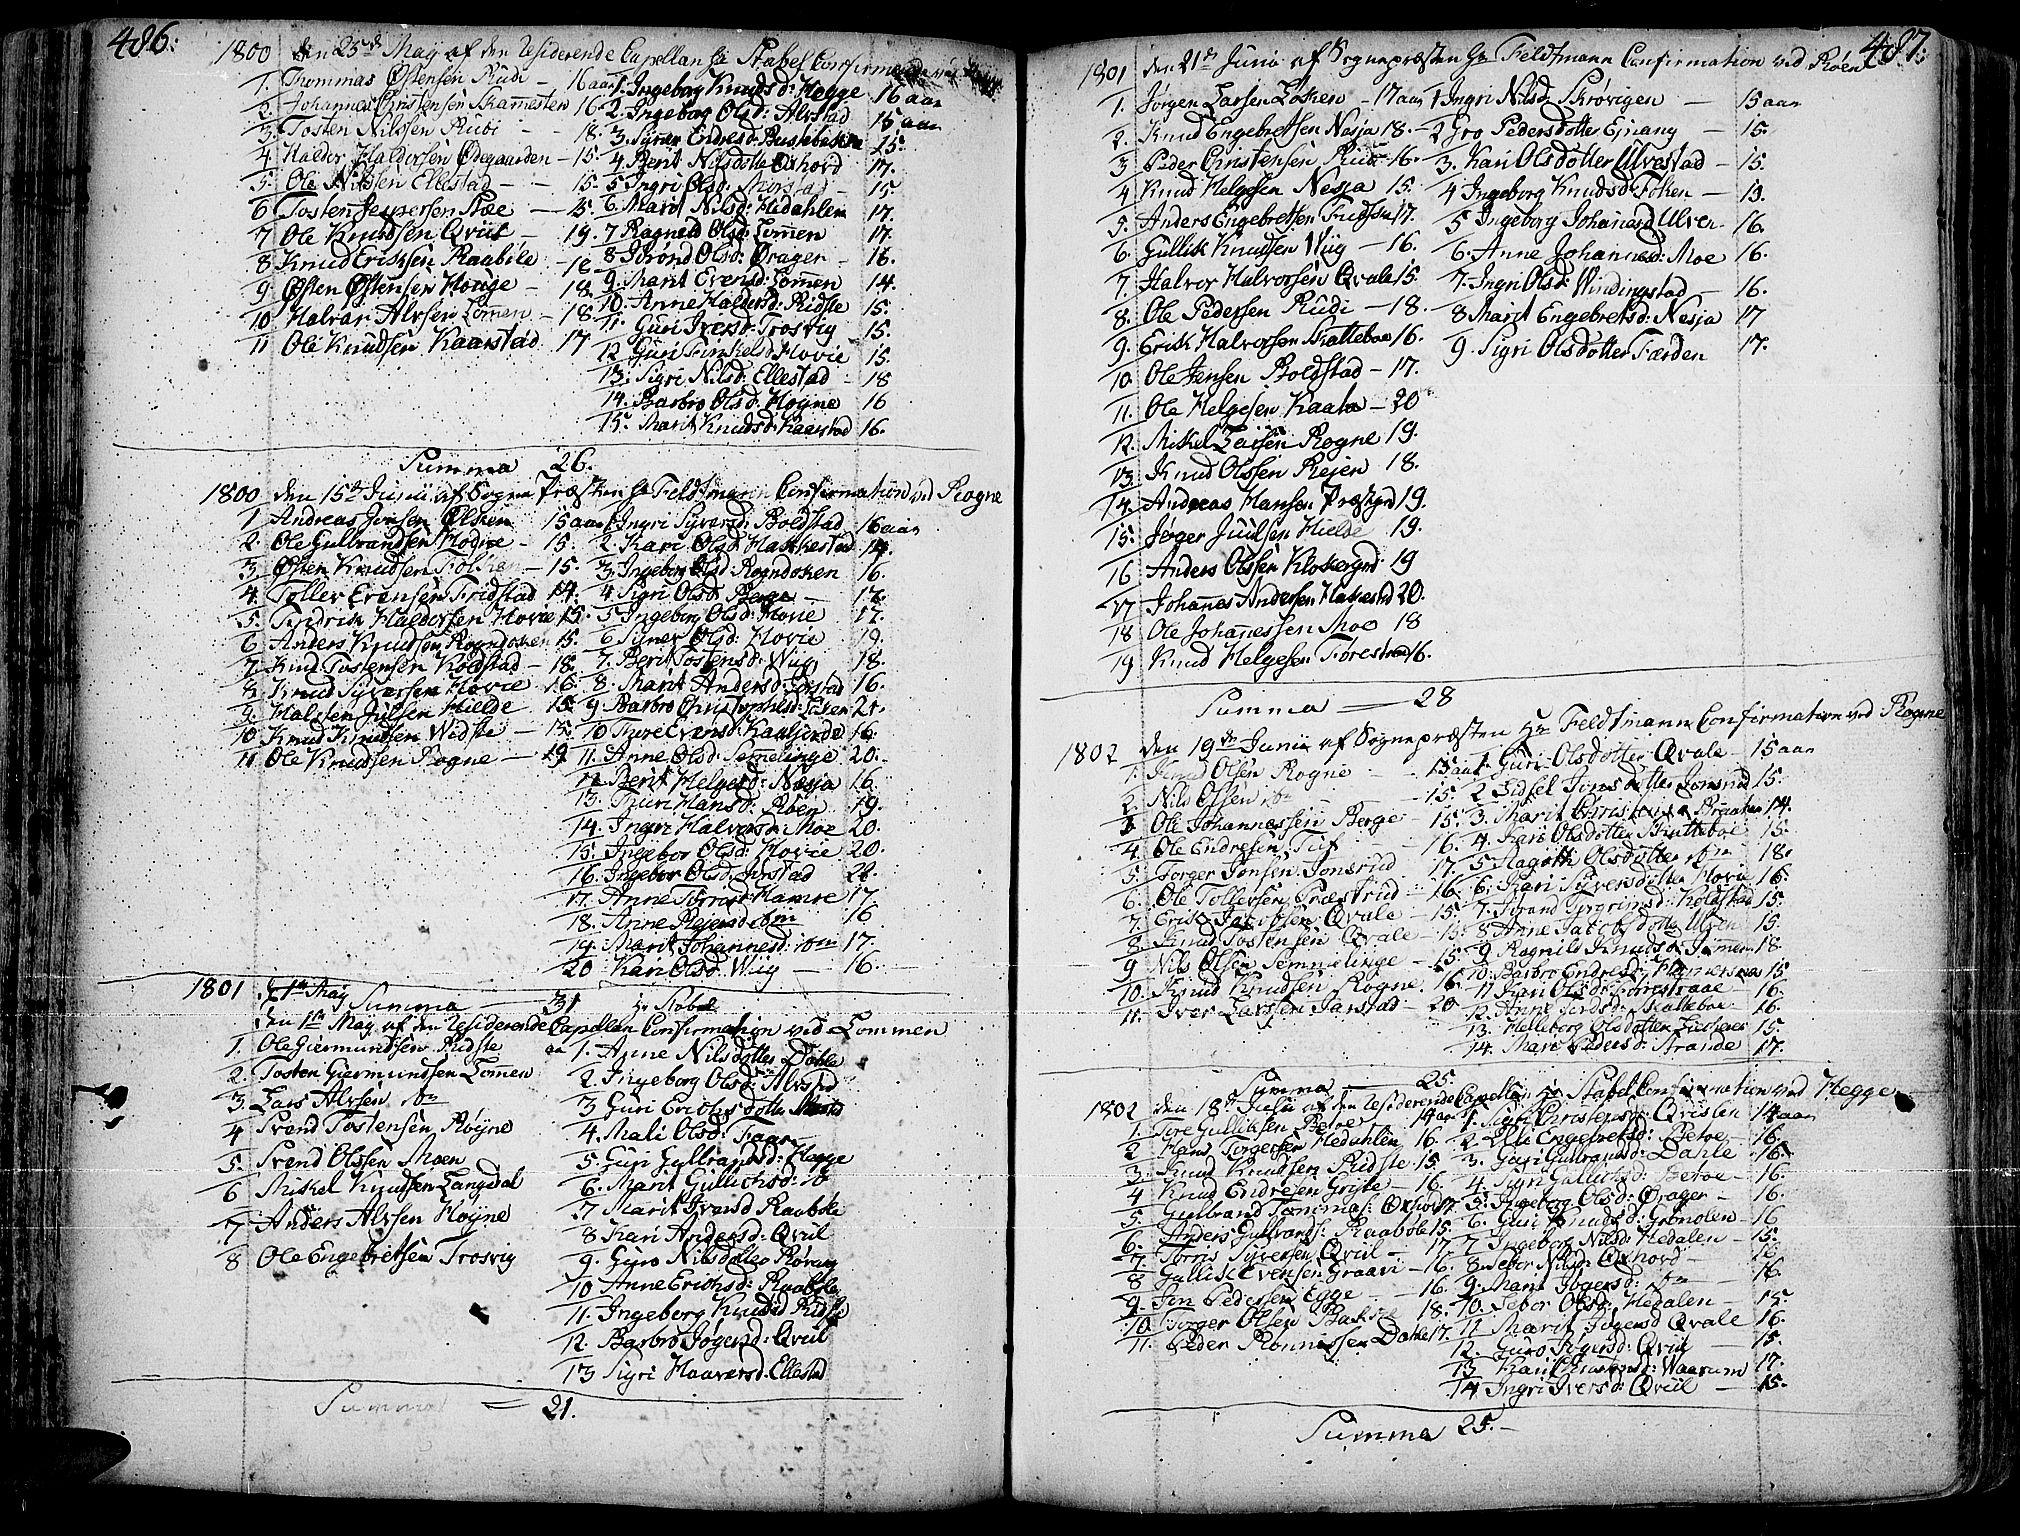 SAH, Slidre prestekontor, Ministerialbok nr. 1, 1724-1814, s. 486-487